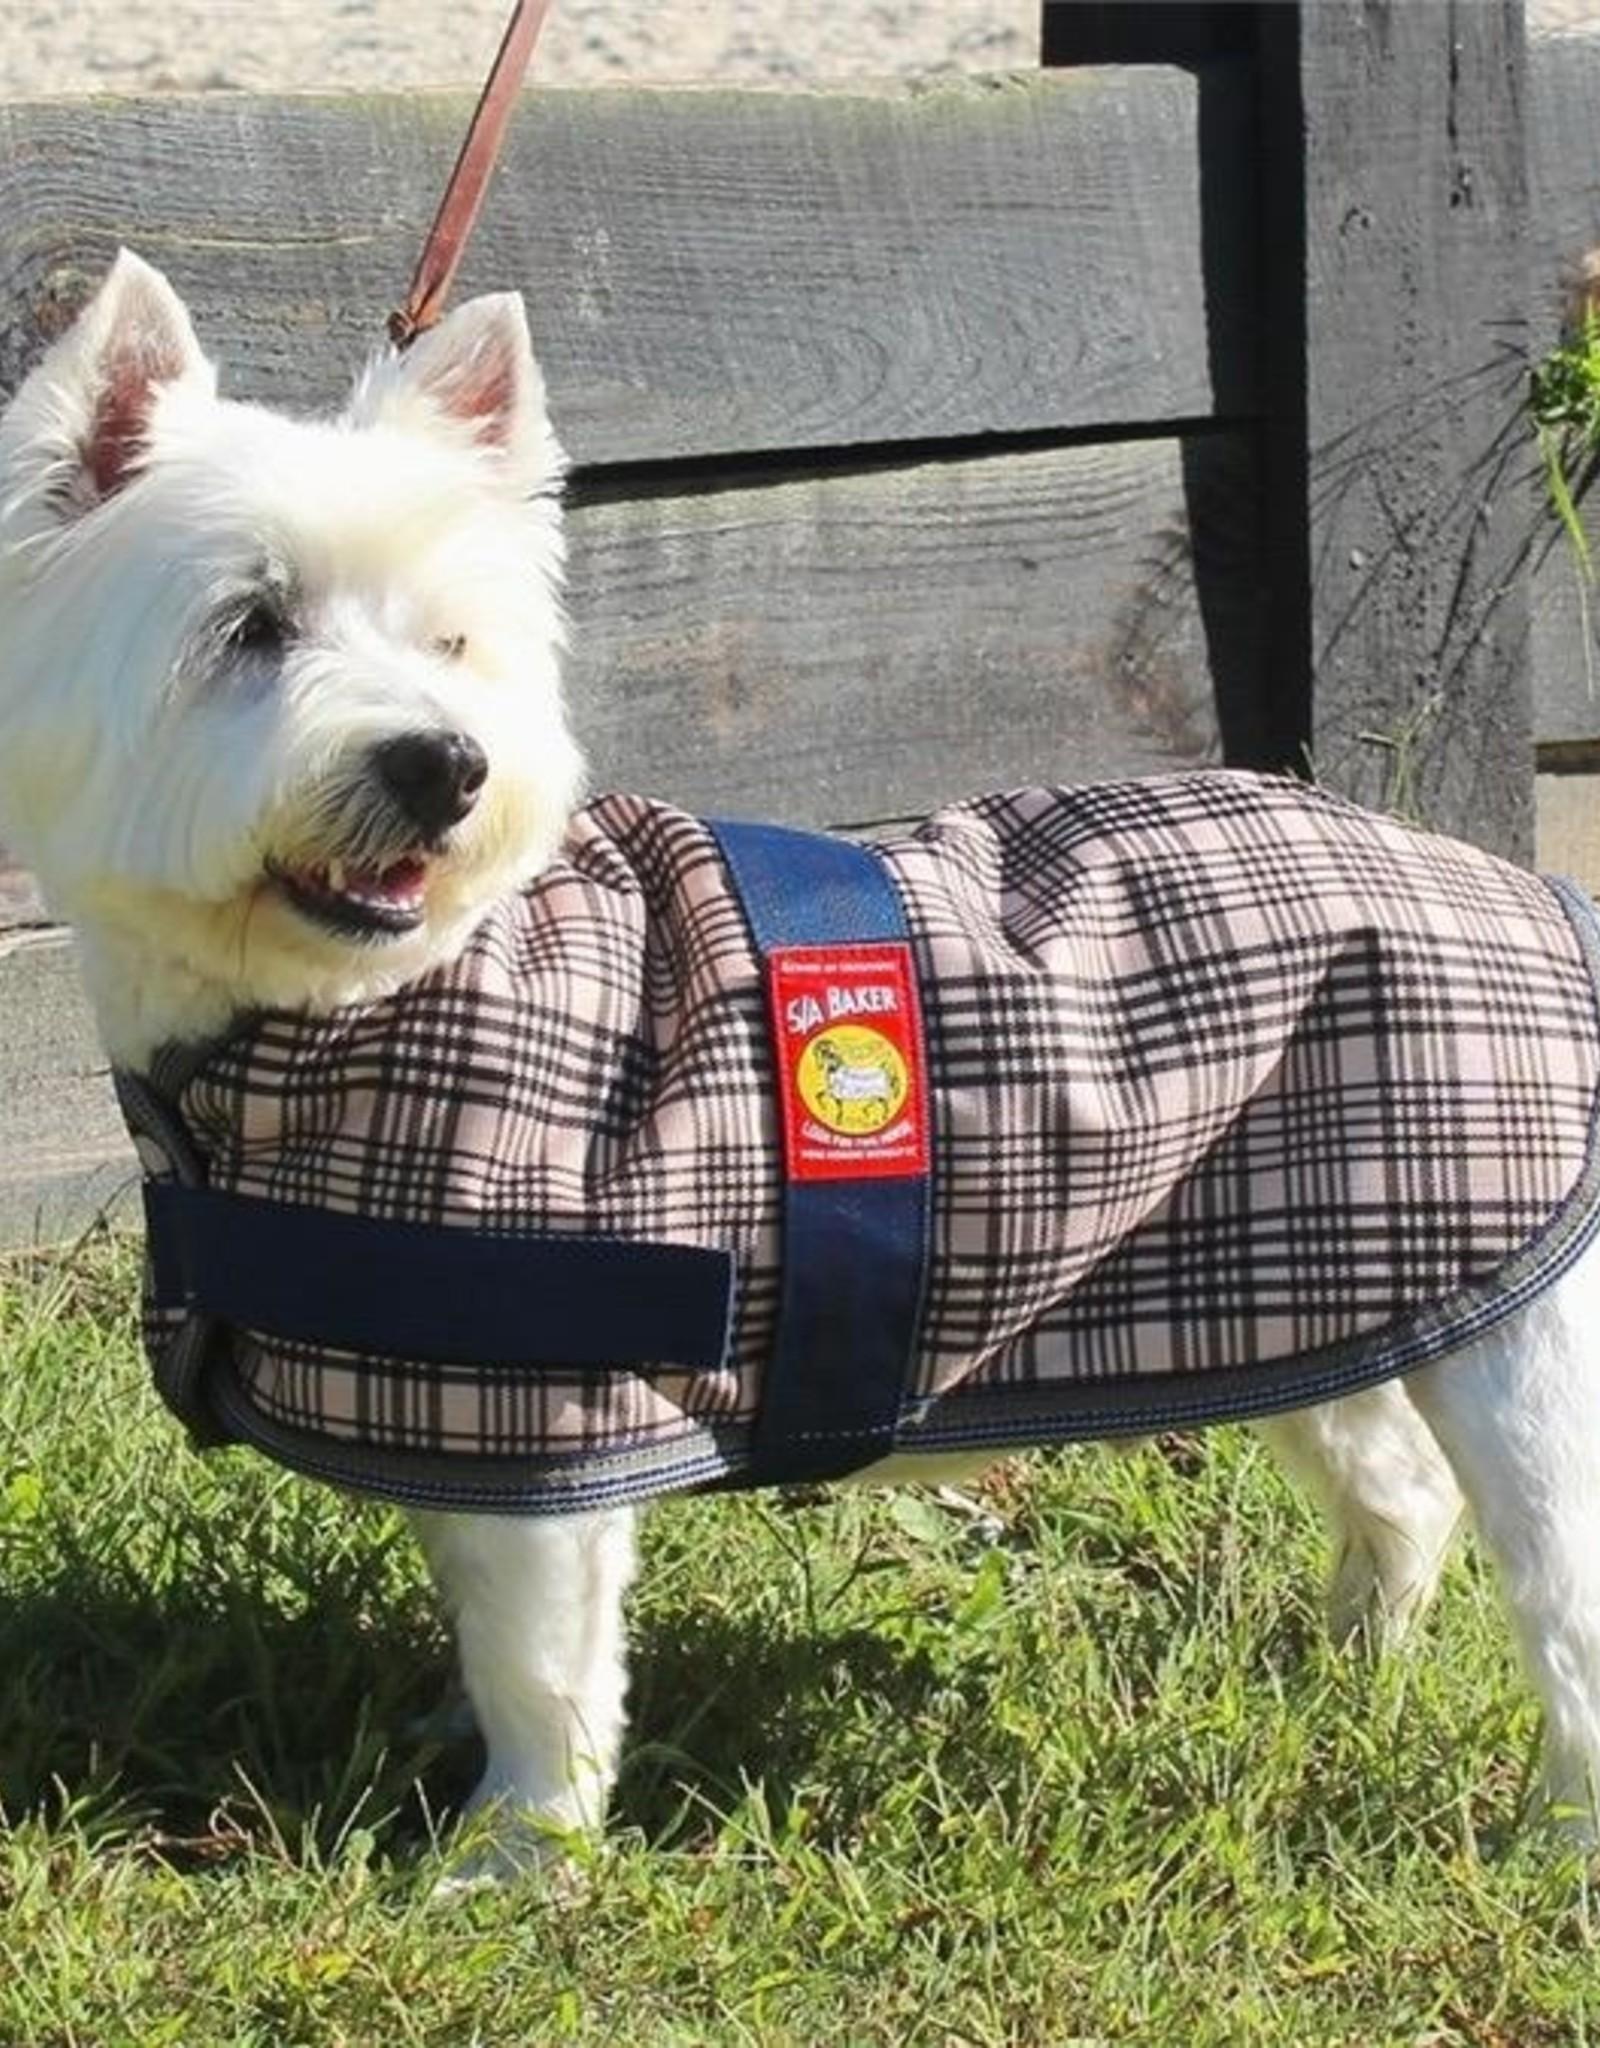 5/A Baker Dog Blanket